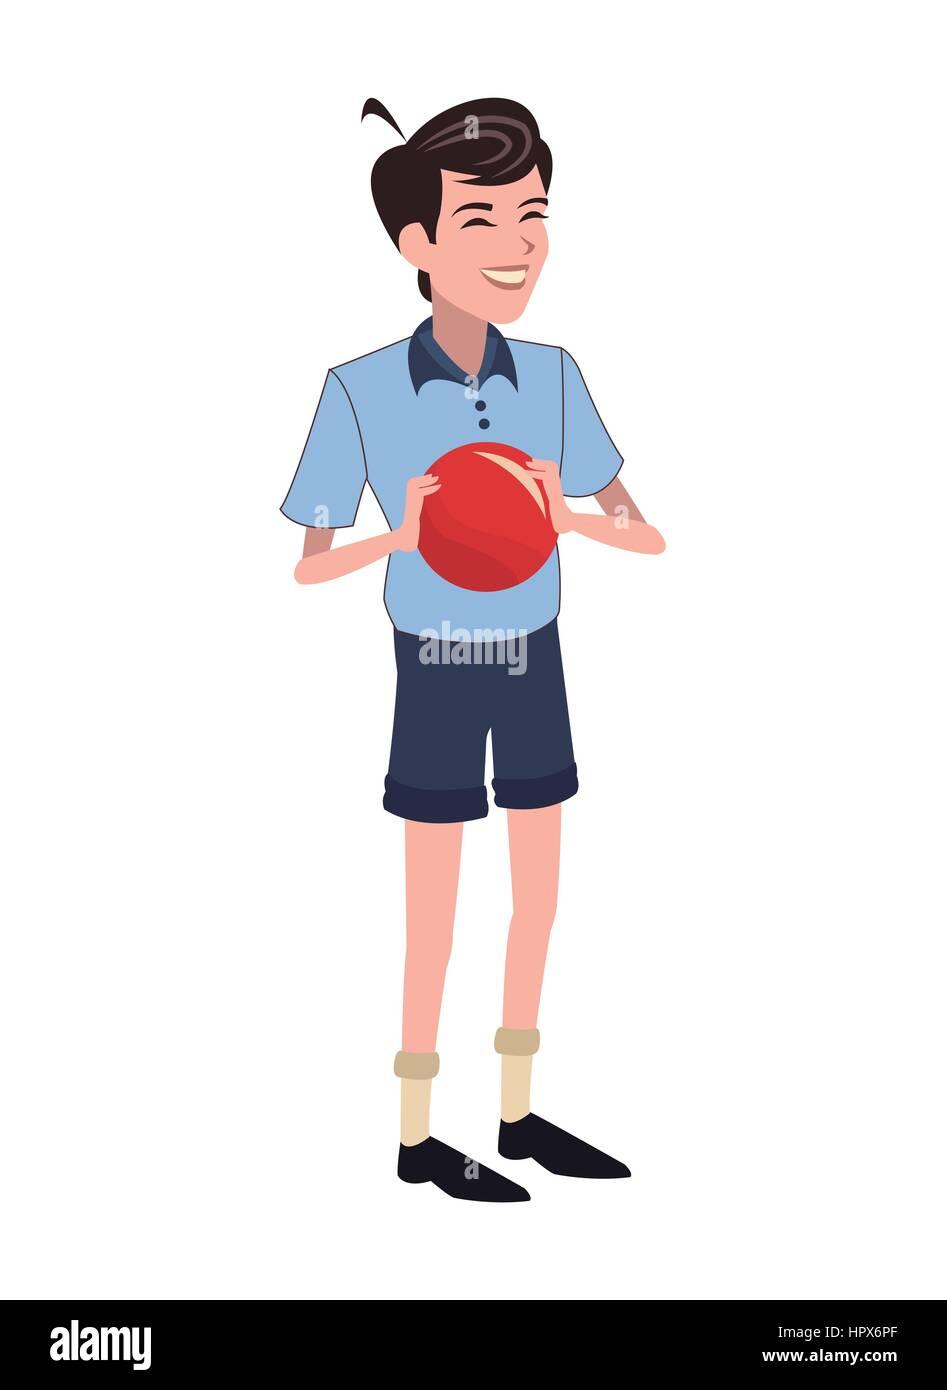 boy red ball family member - Stock Image